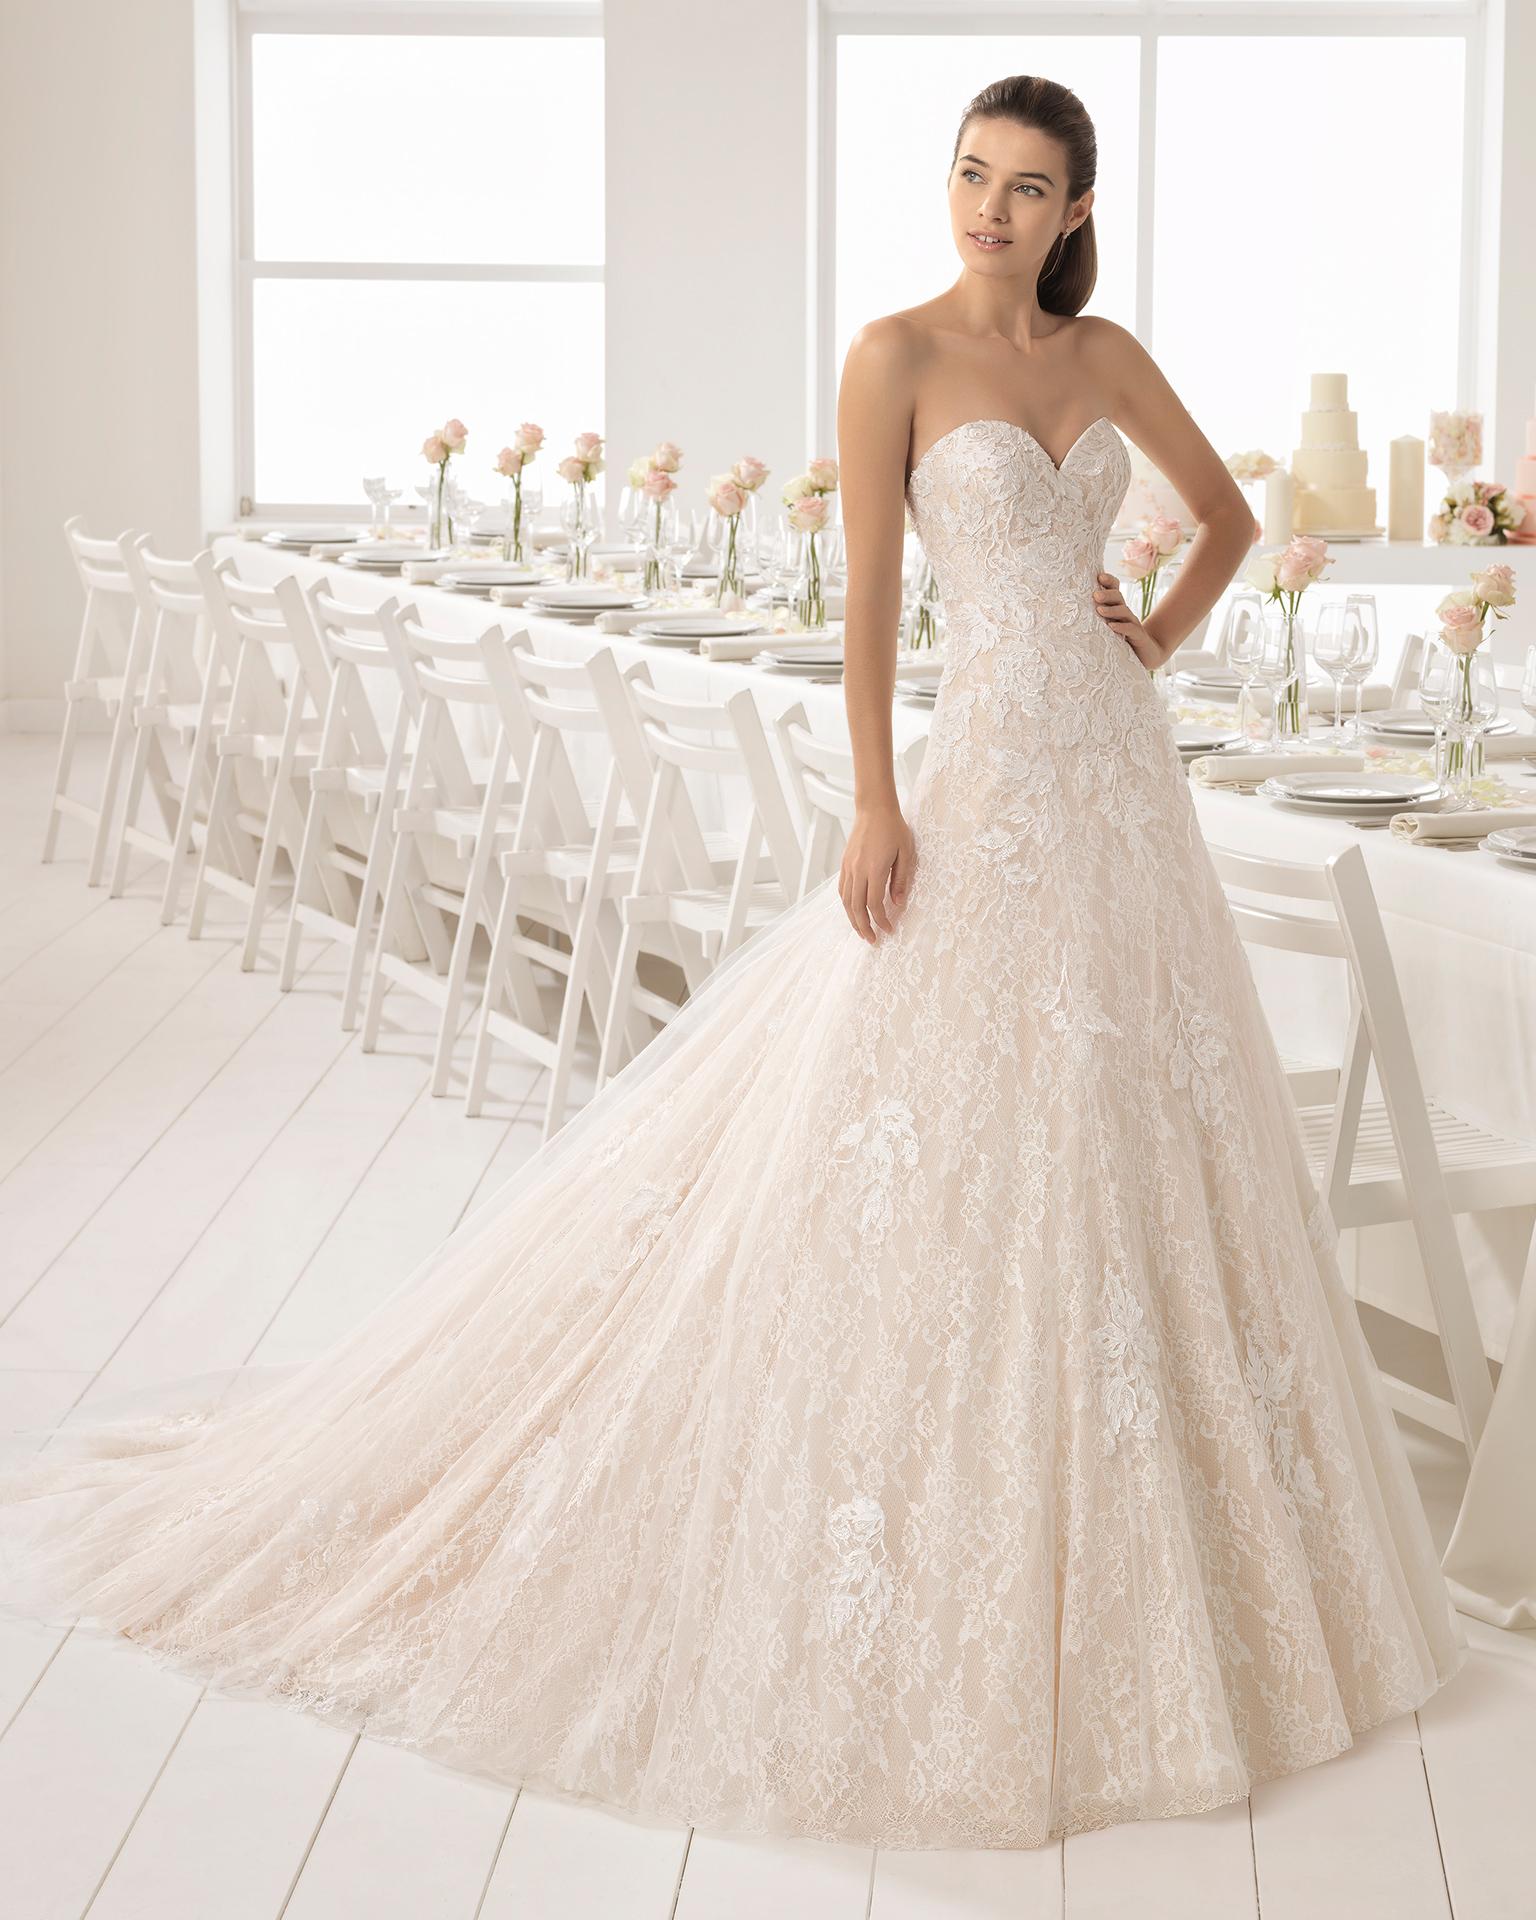 فستان زفاف ذو تصميم رومنسي من الدانتيل، مع تقويرة رومنسية، باللون الشفّاف والطبيعي.